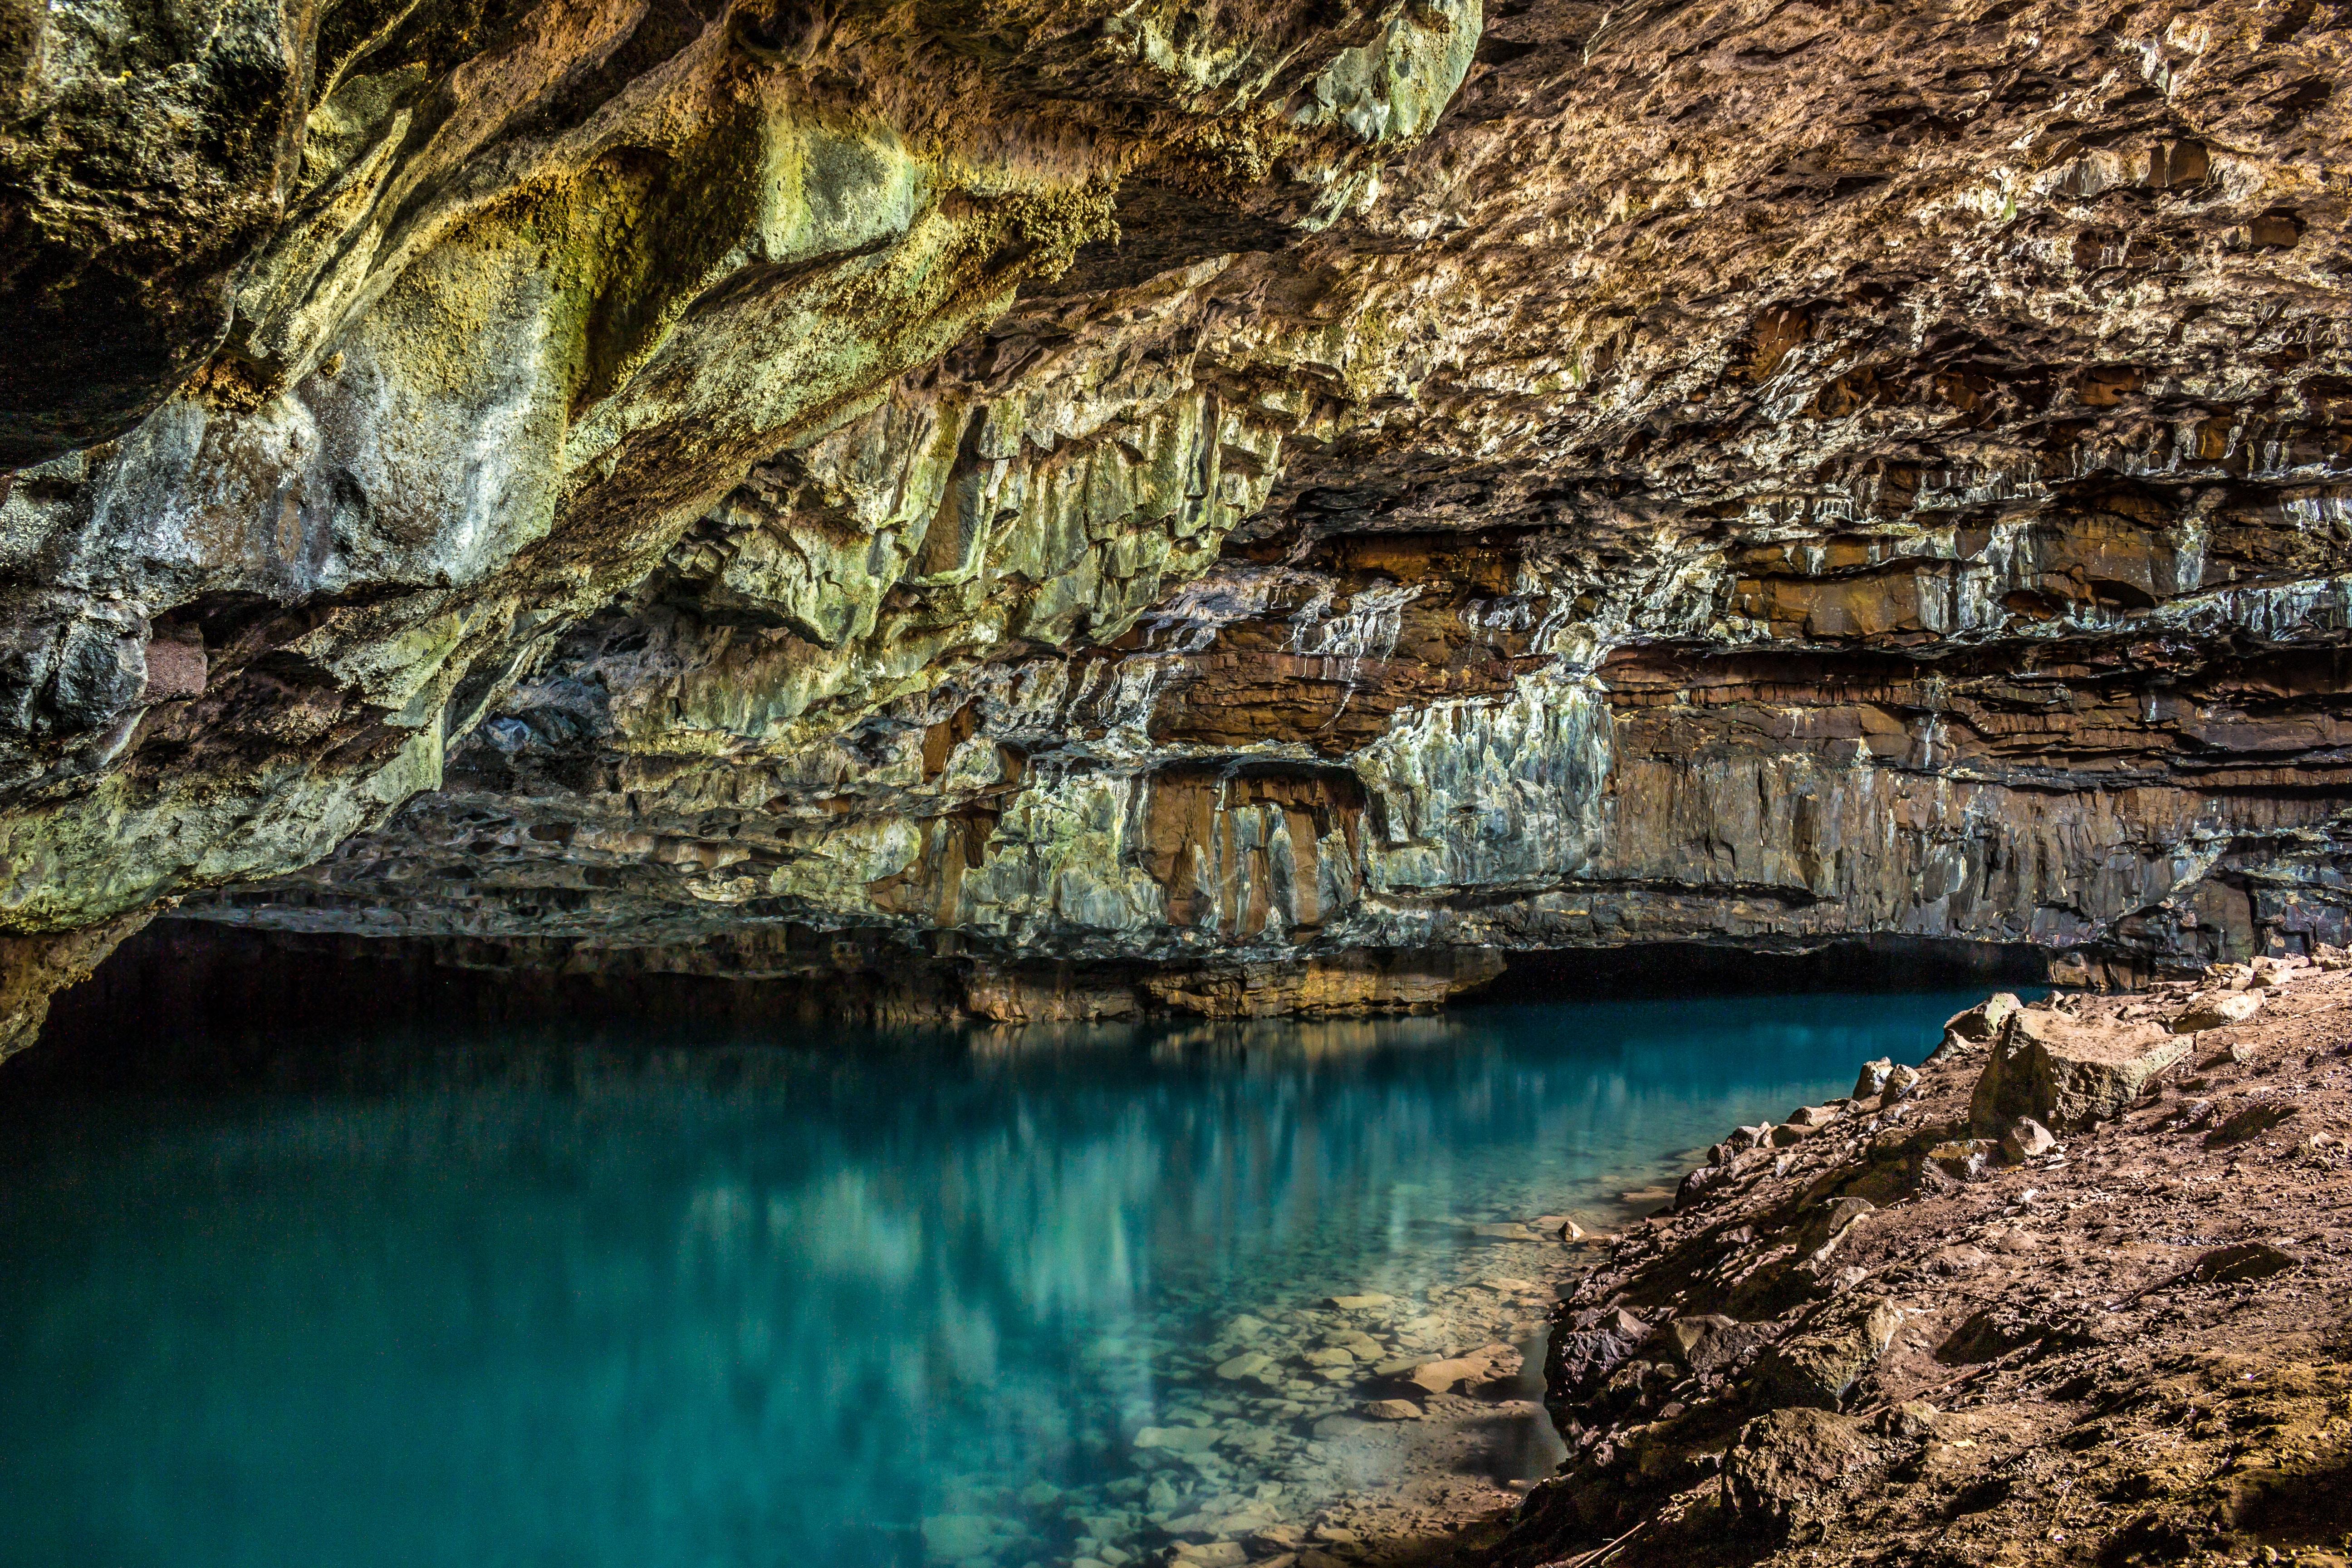 石垣島鍾乳洞のイルミネーションが幻想的!見どころ満載の観光スポットを紹介!